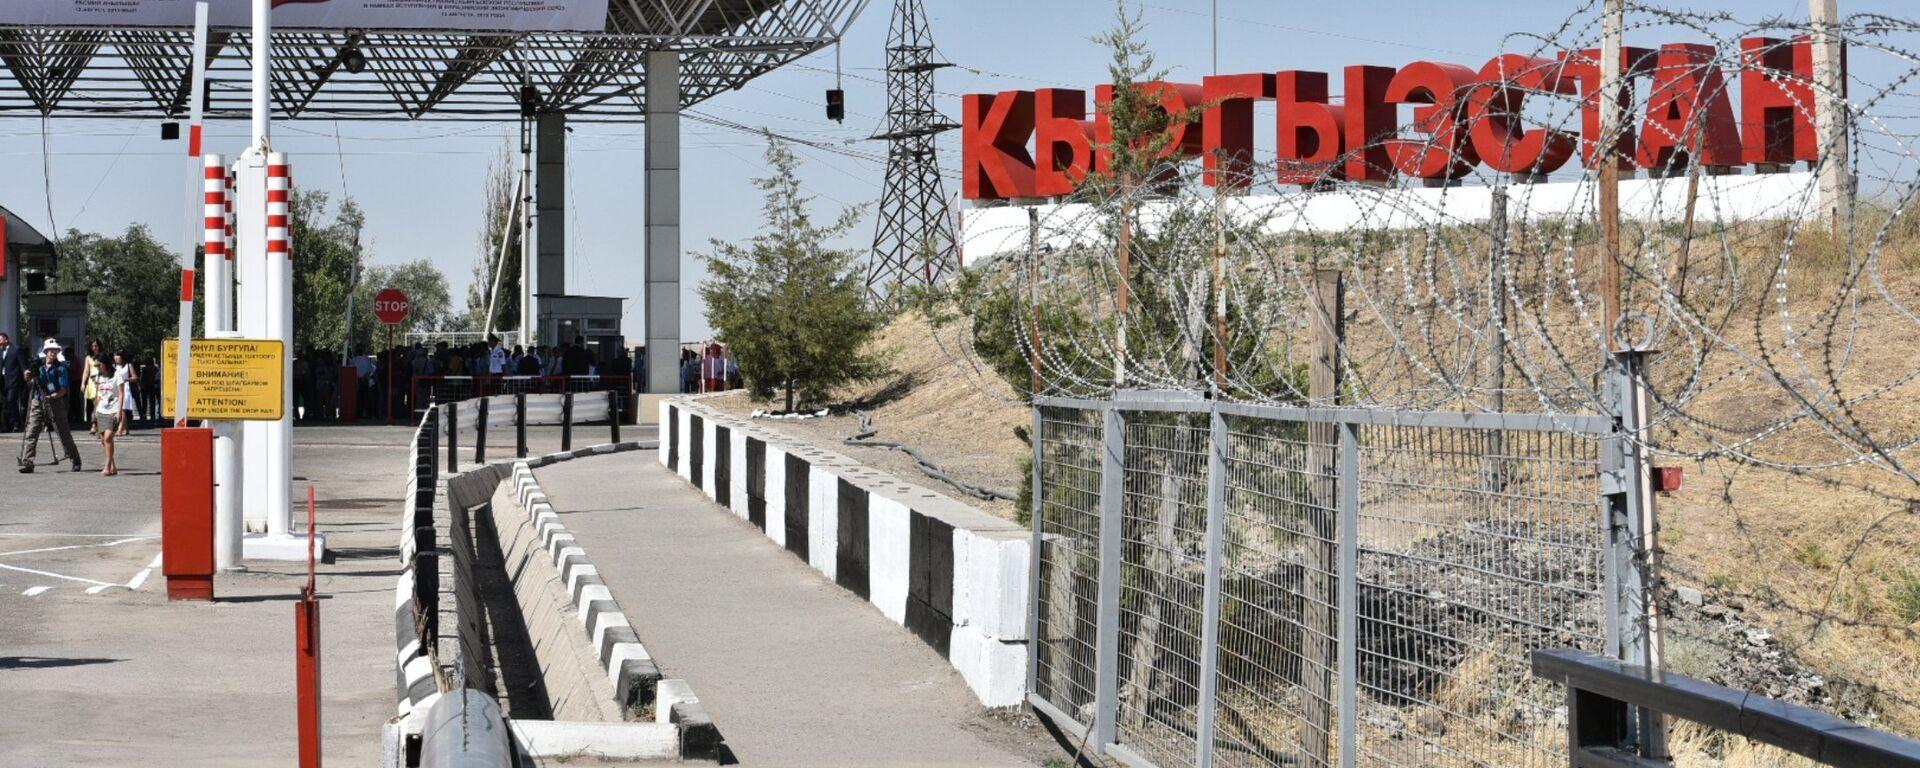 Открытие границы между Киргизией и Казахстаном - Sputnik Ўзбекистон, 1920, 15.03.2021